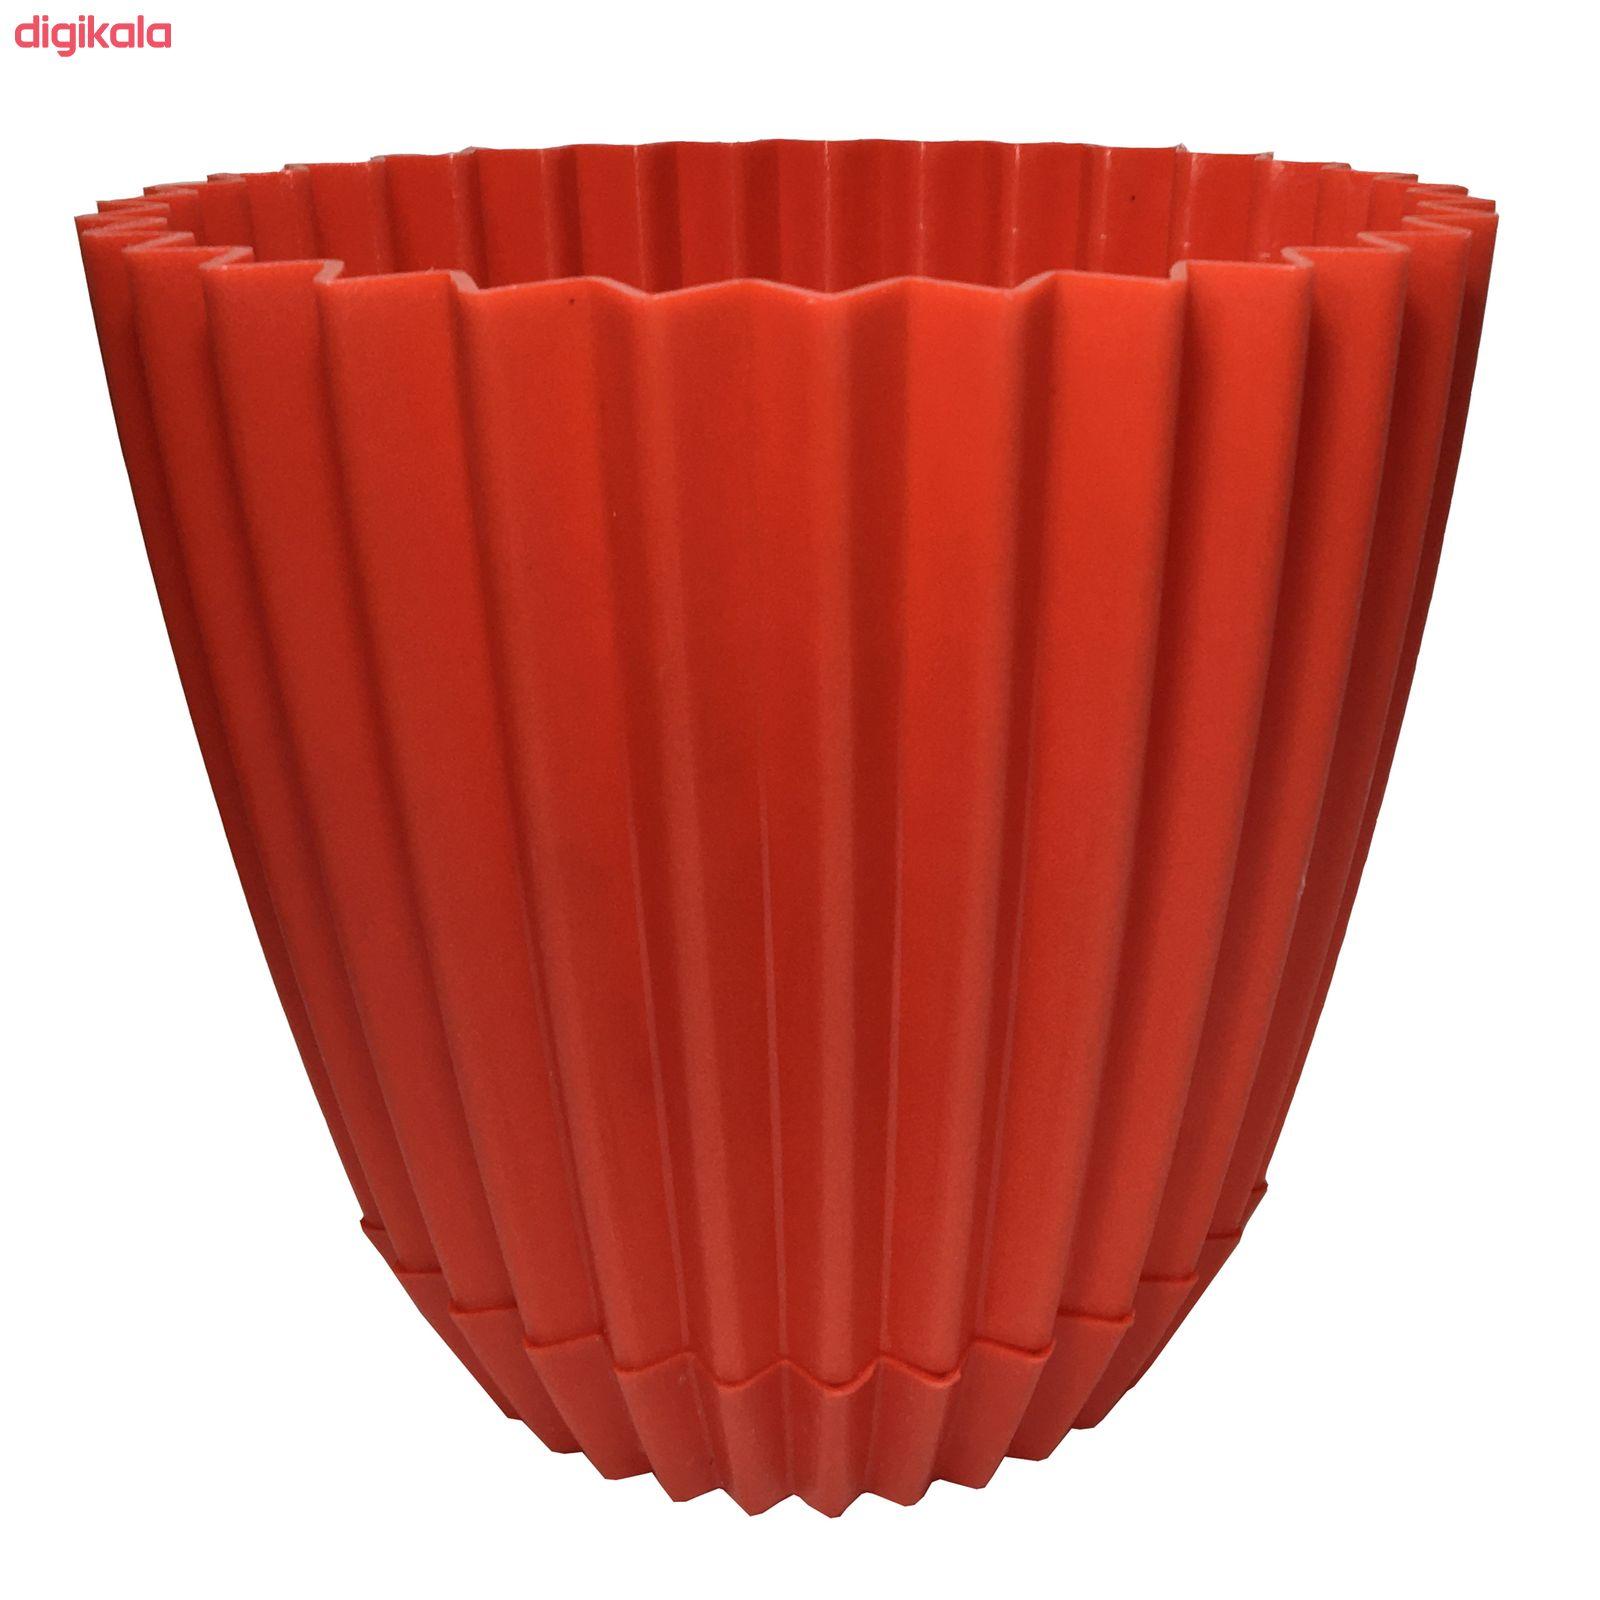 گلدان دانیال پلاستیک کد 1012 مجموعه 8 عددی main 1 3